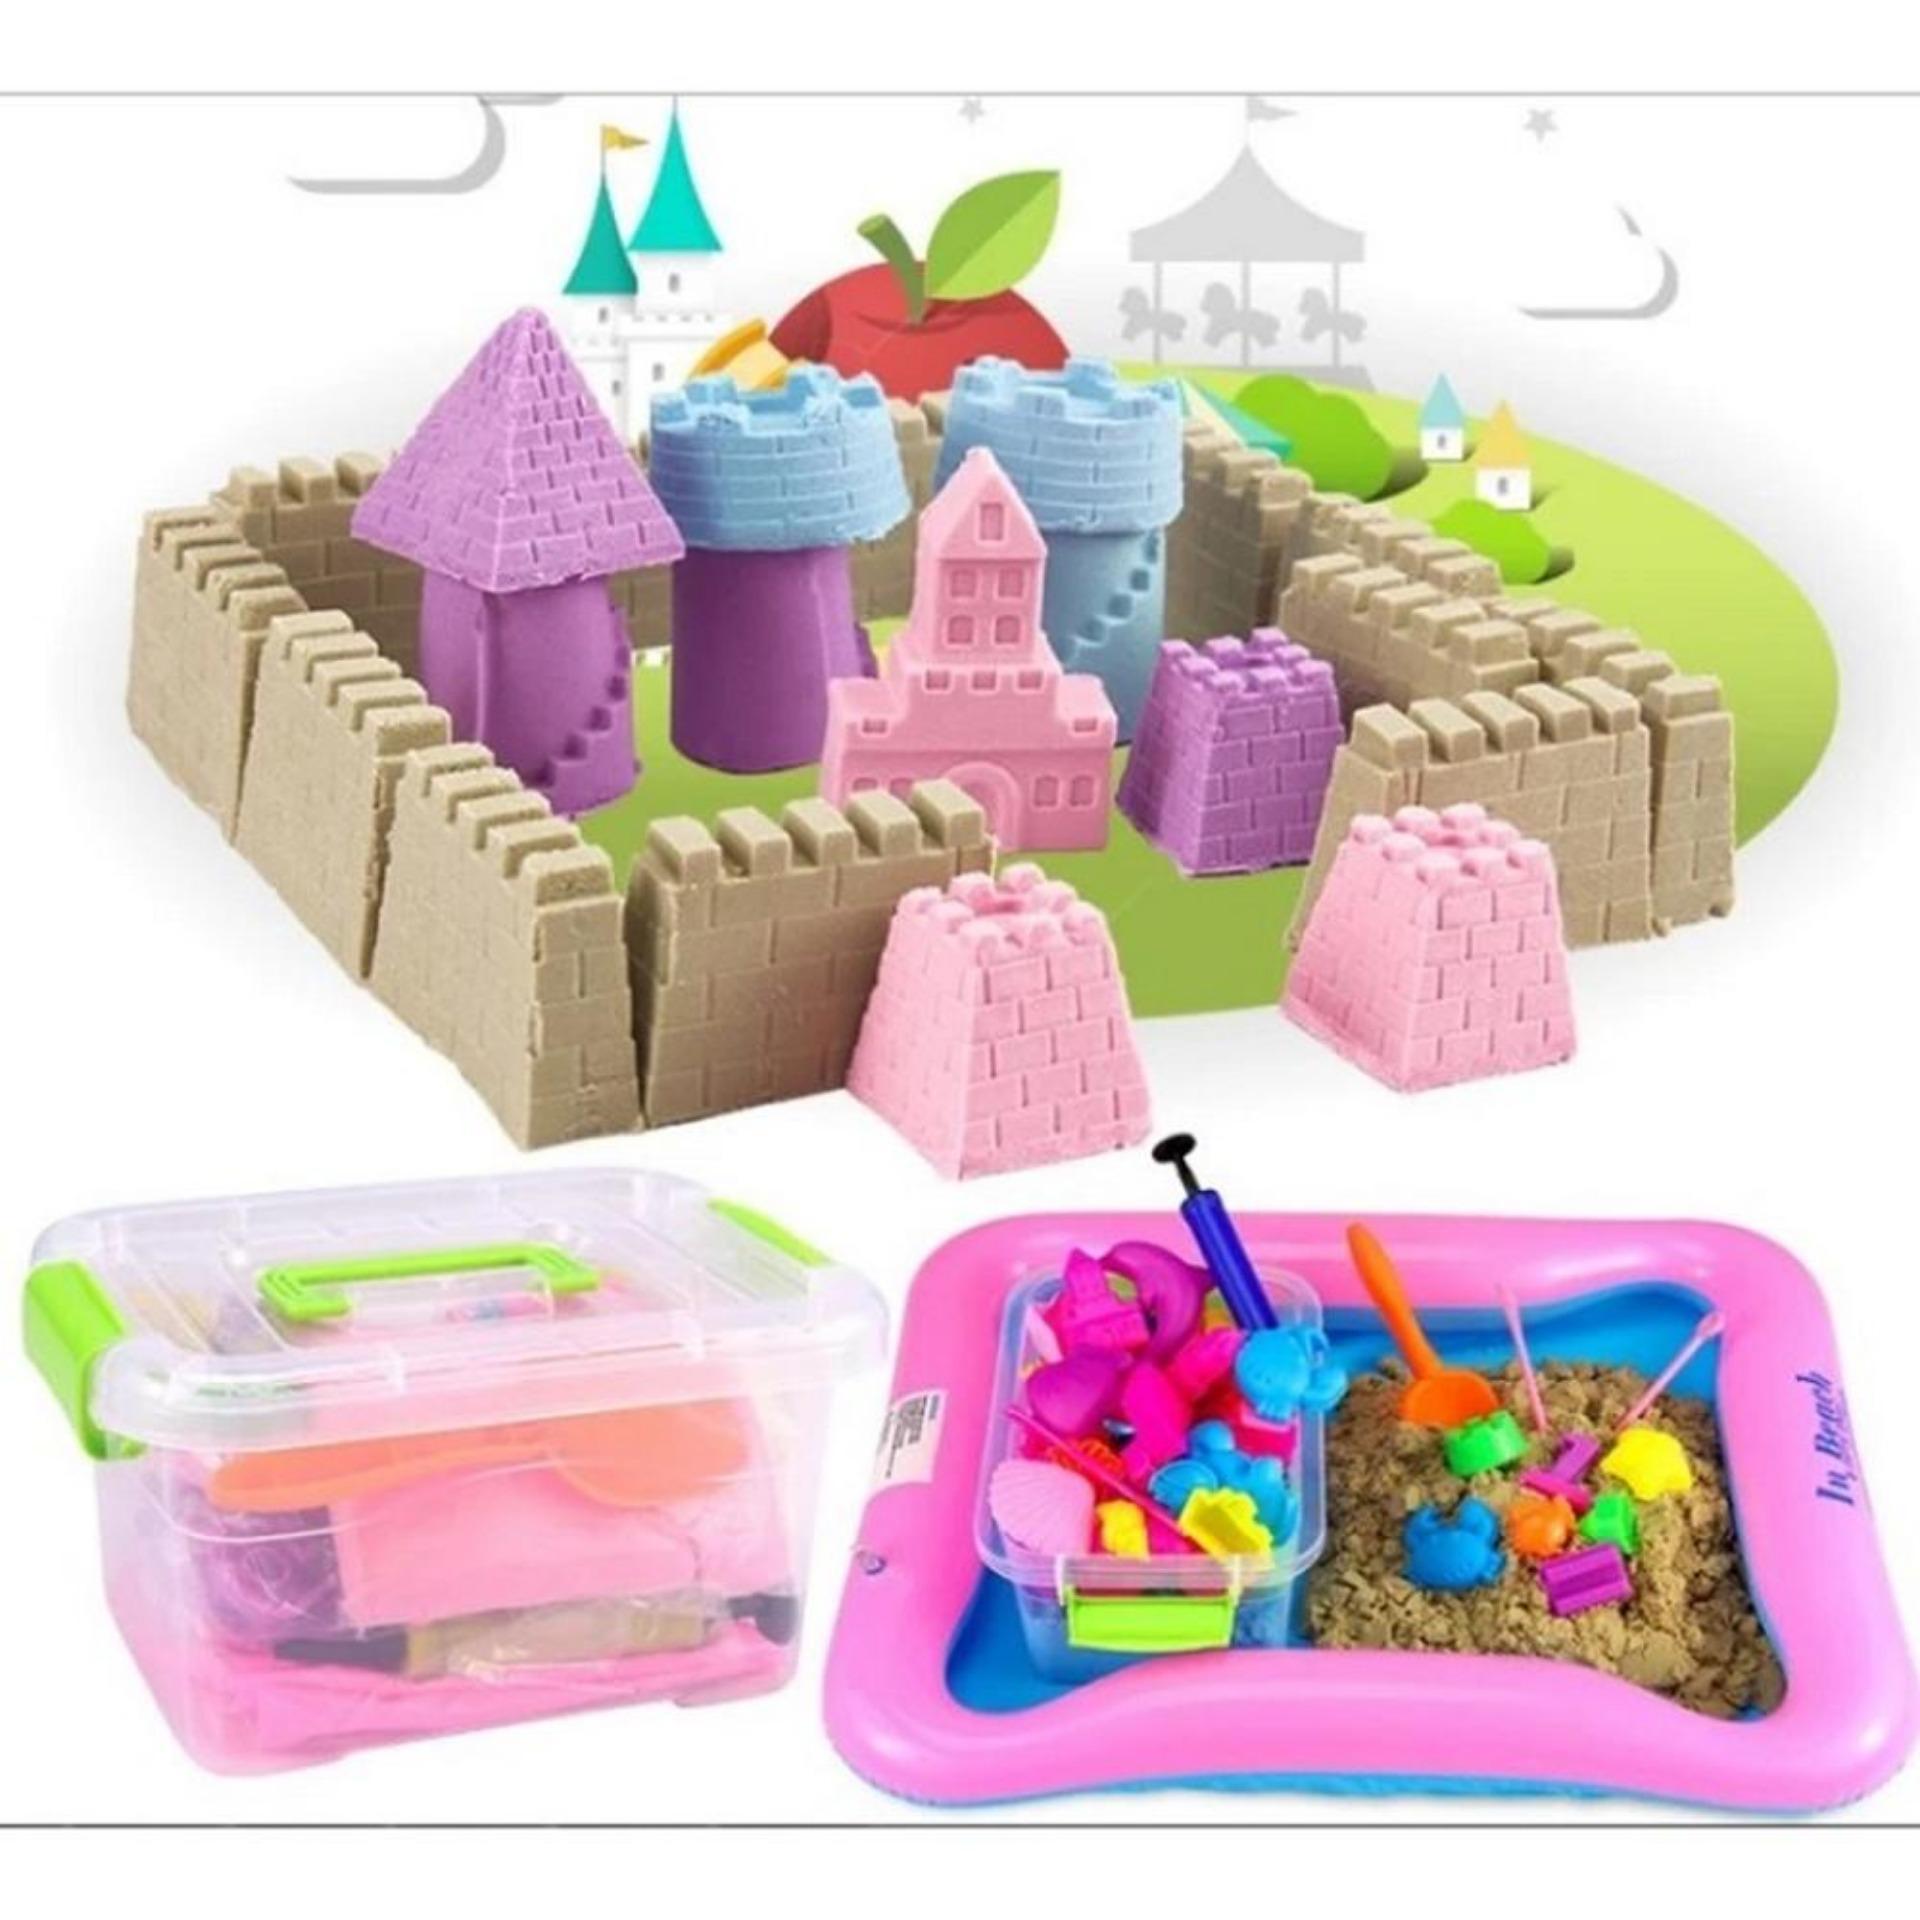 Hình ảnh Bộ đồ chơi Cát an toàn tạo hình Cung điện: Đủ Hộp nhựa + Bể hơi + Cát + Khuôn